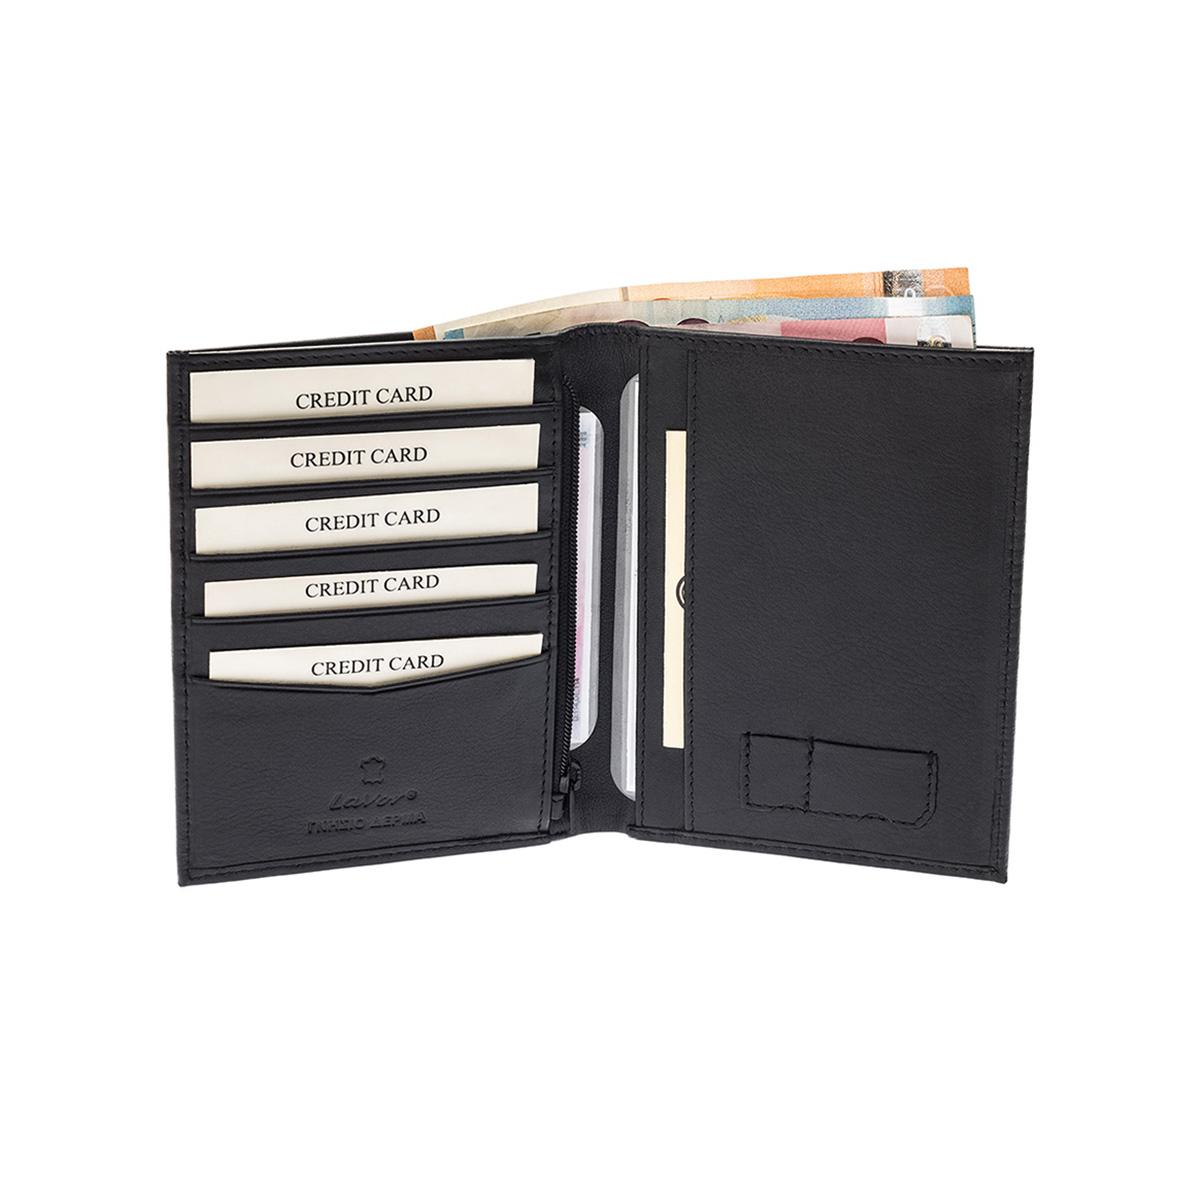 LAVOR 3311 Μαύρο Πορτοφόλι Ταυτότητας Διαβατηρίου